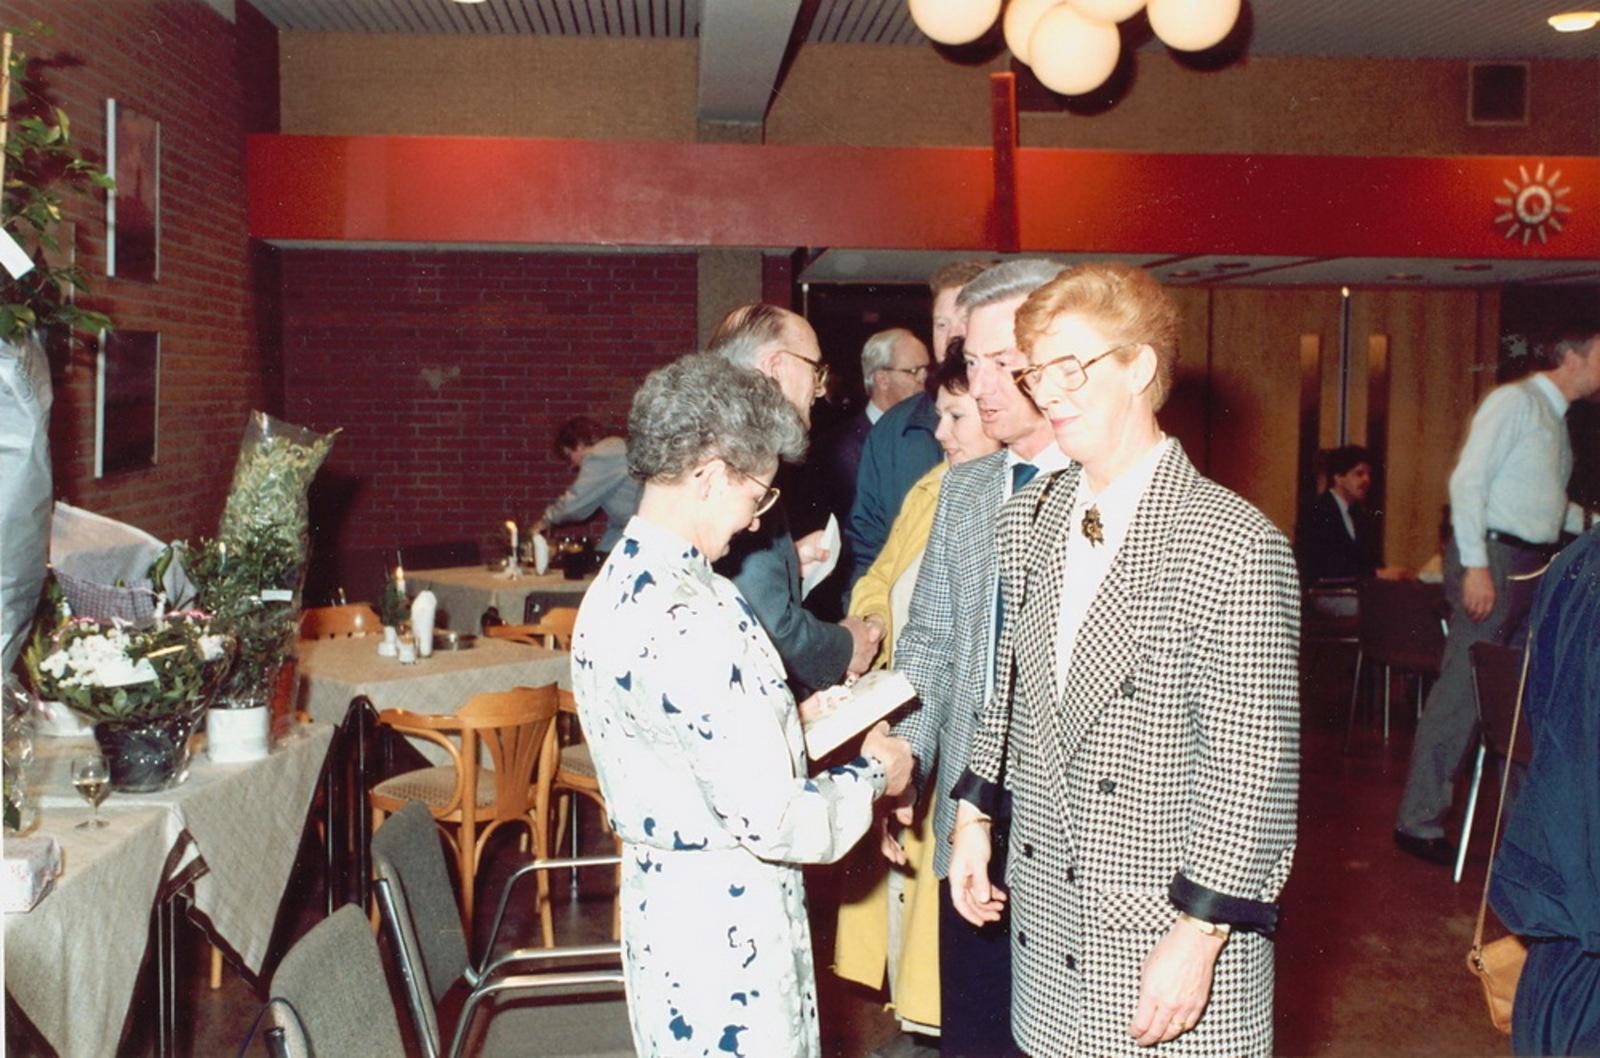 Marktlaan O 0022 1988 Sigarenboer Kraak 50jr Jub en Sluiting 47